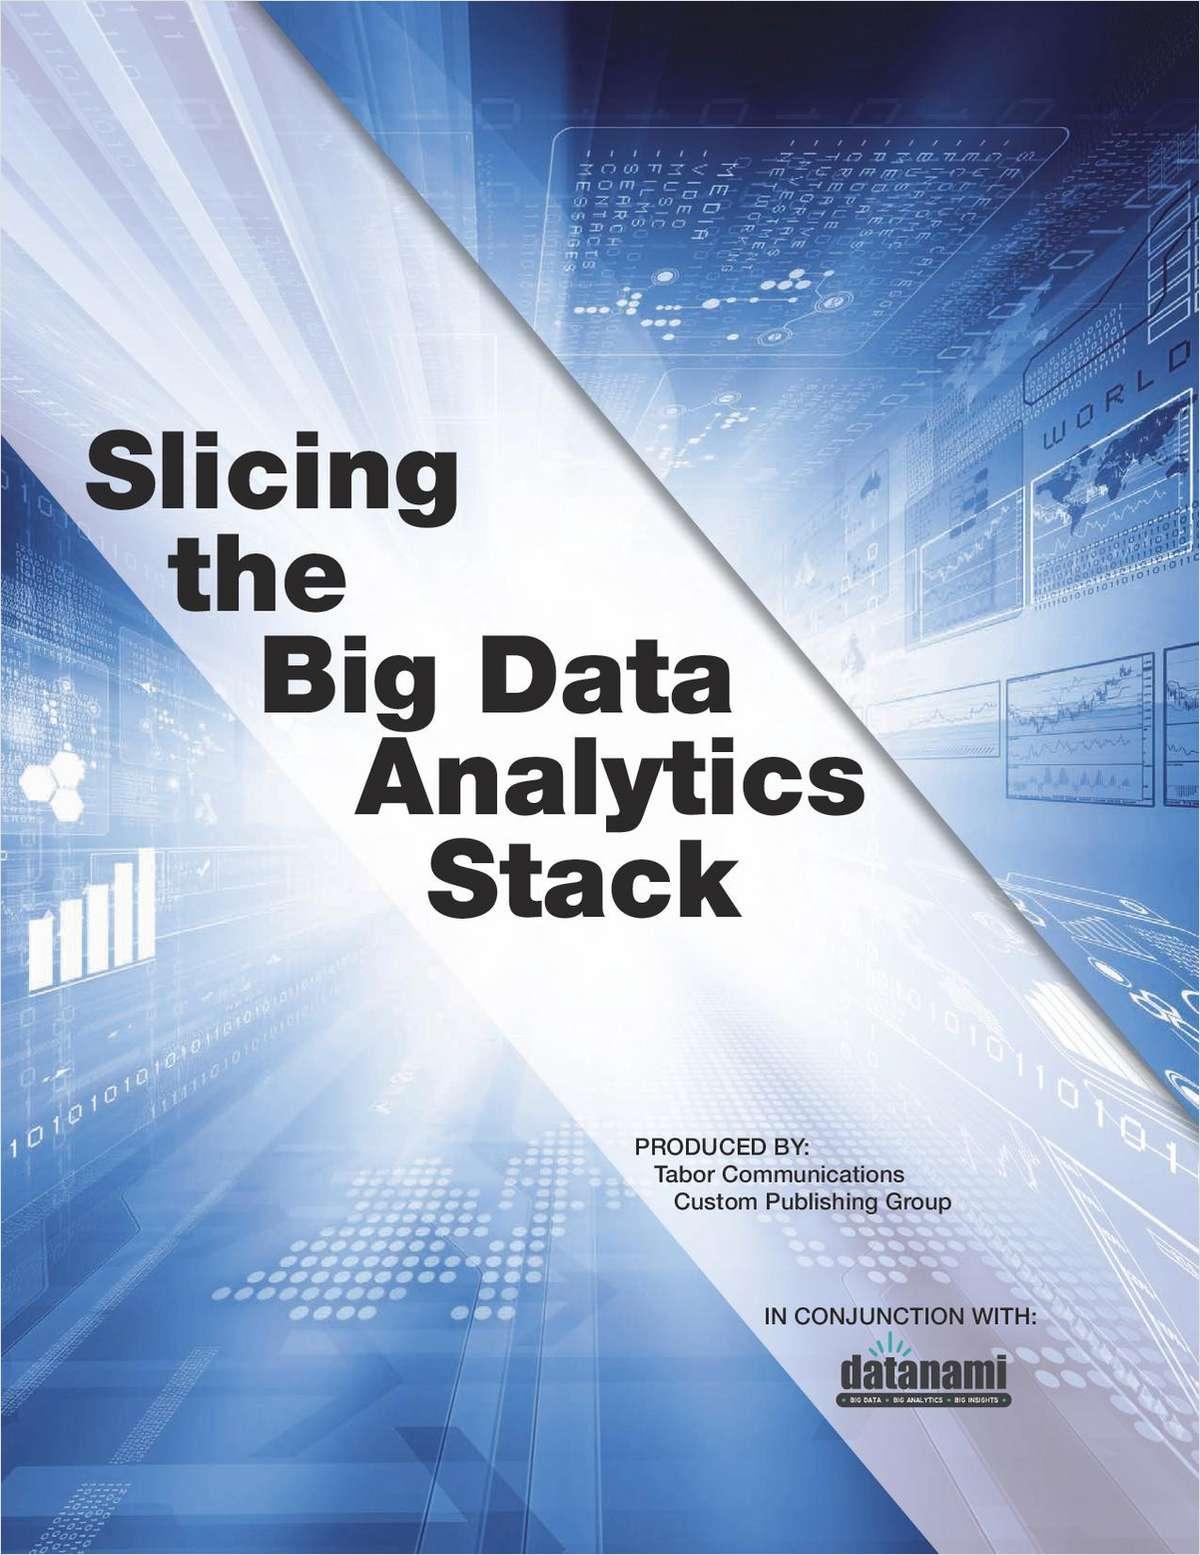 Slicing the Big Data Analytics Stack